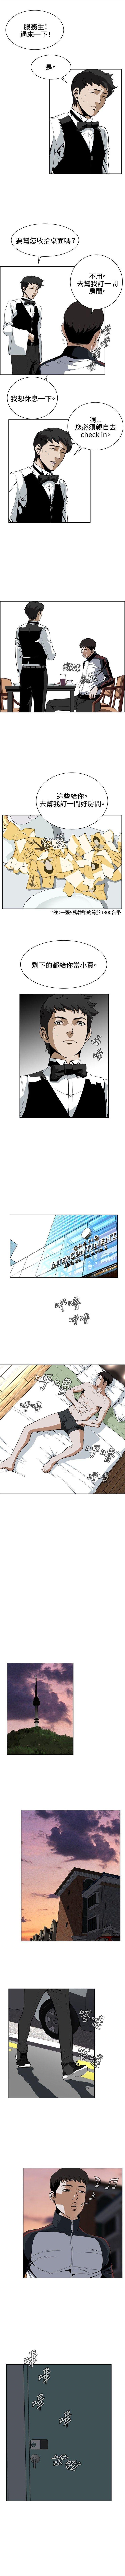 偷窥  0-10 中文翻译 (更新中) 13